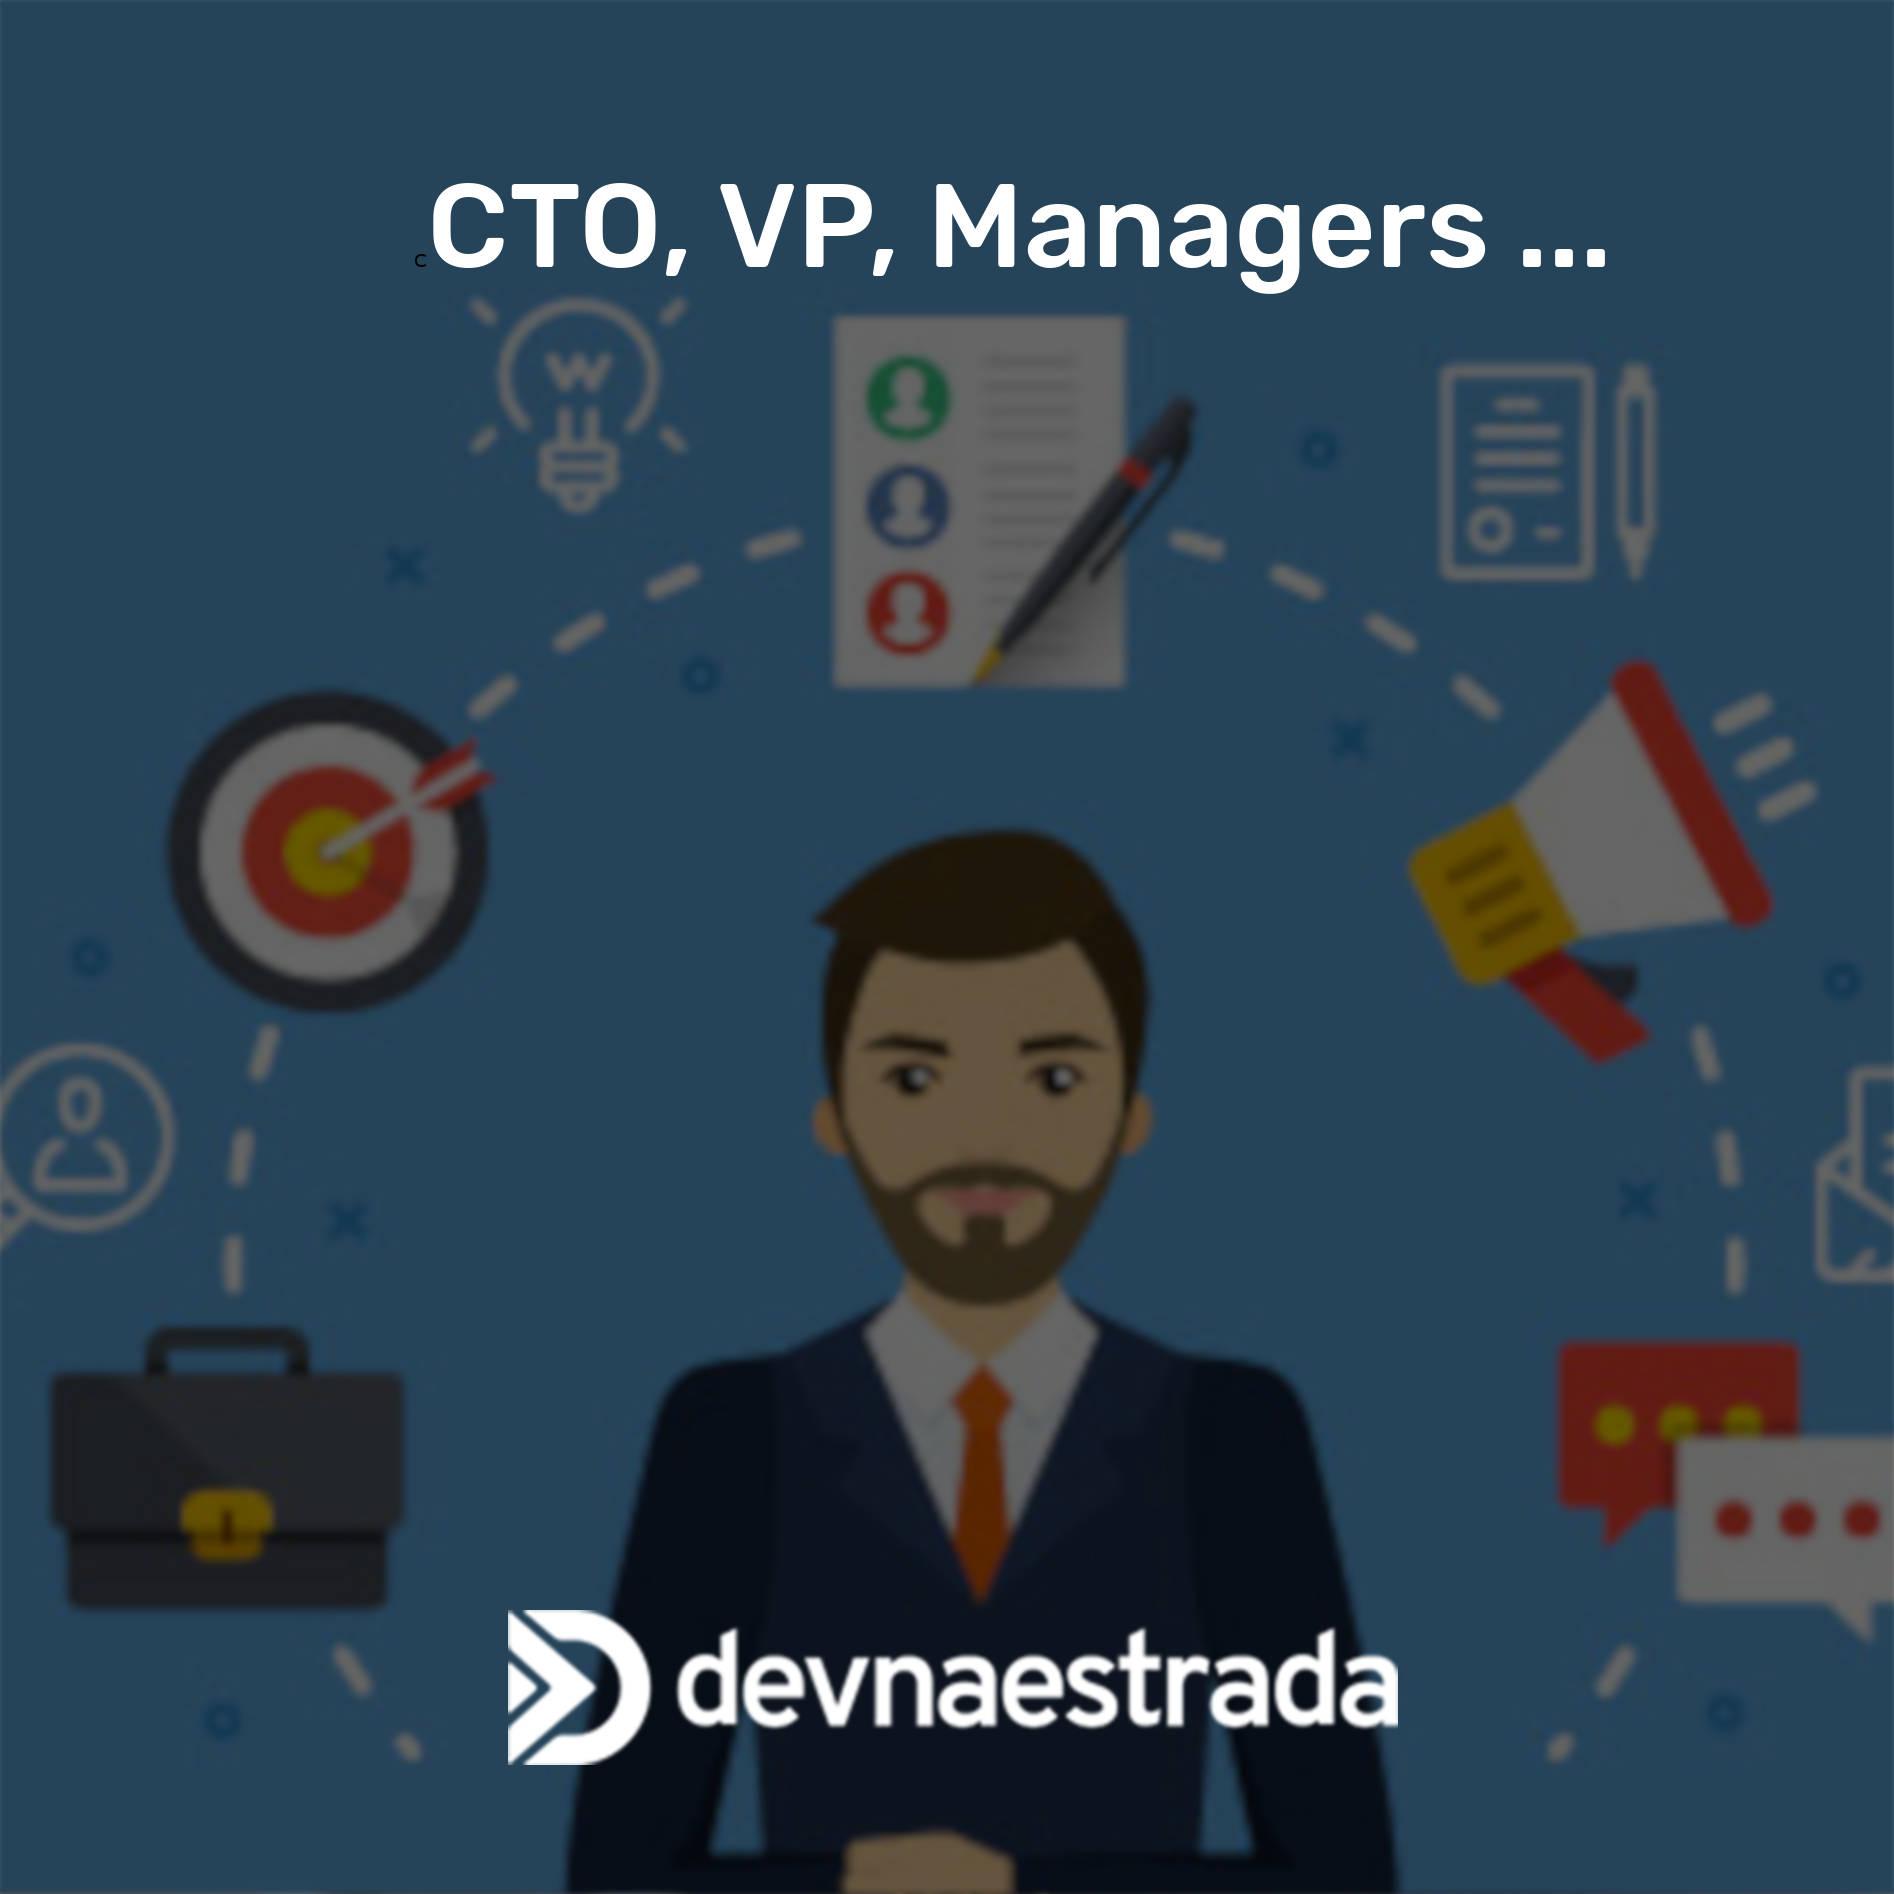 CTO, VP, Managers, quem são?